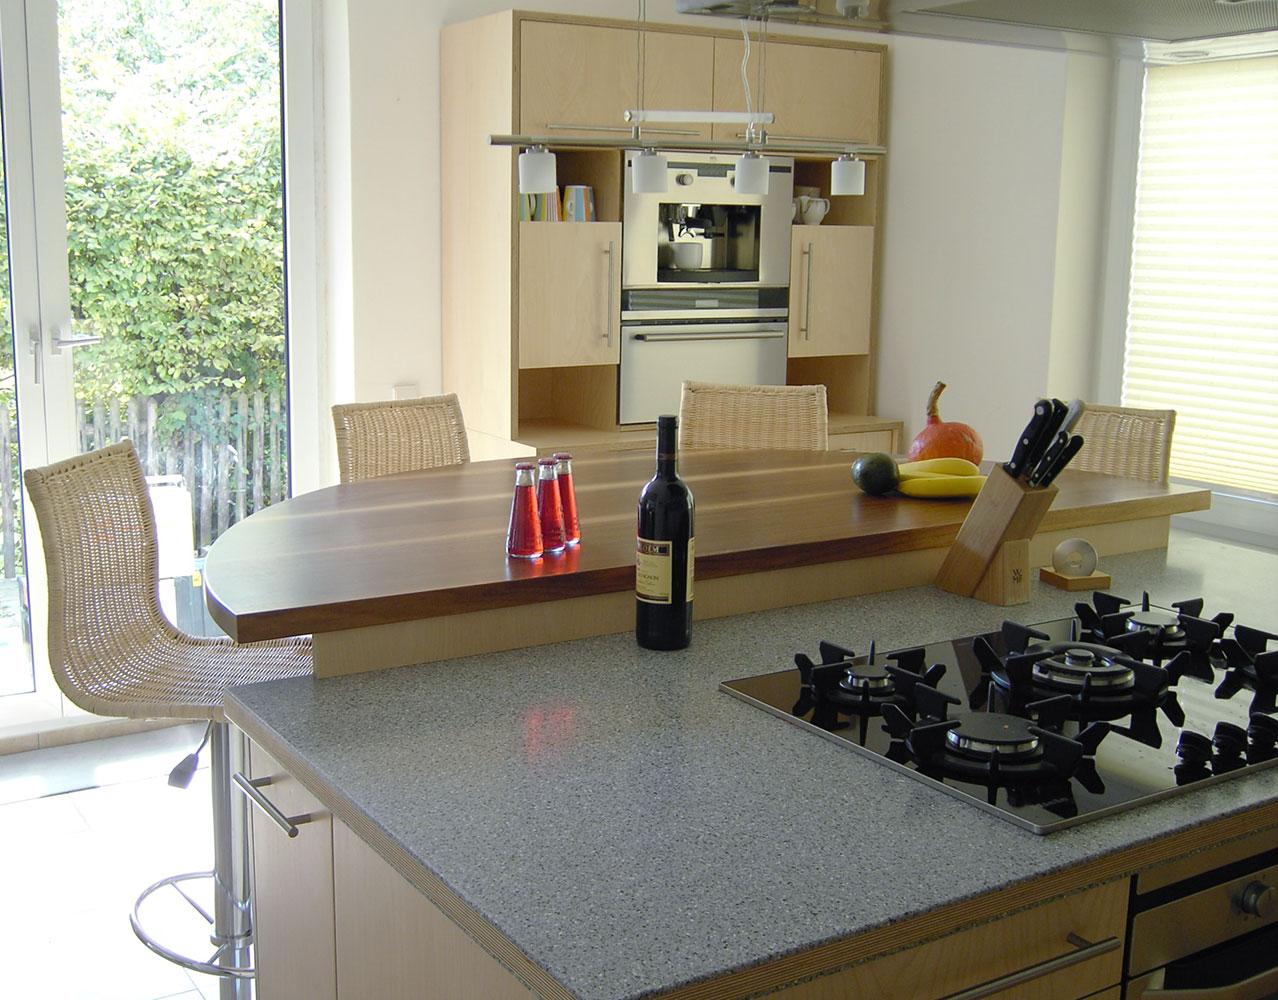 Kücheninsel Mit Tisch – sehremini